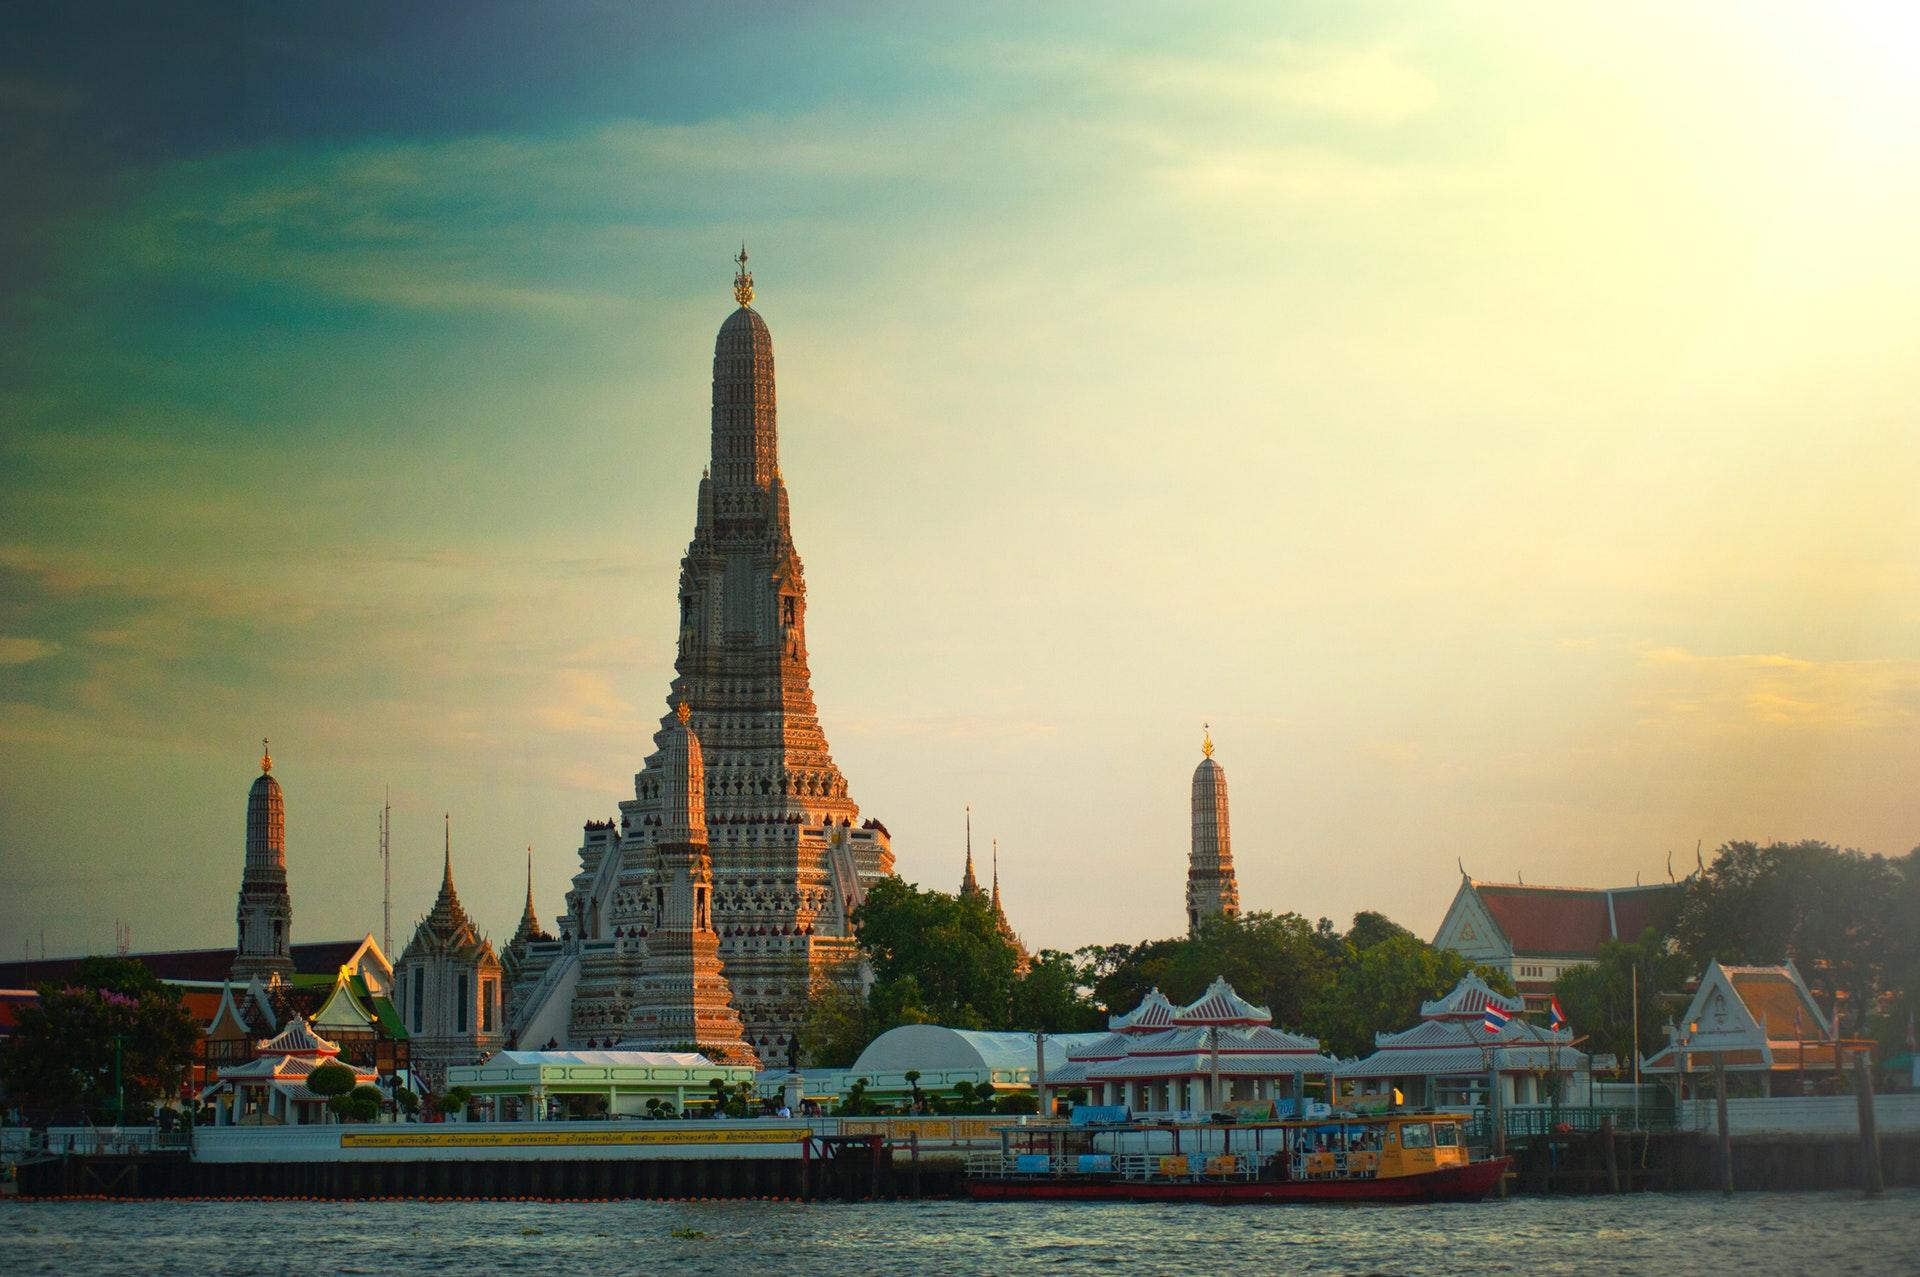 najveće mjesto za upoznavanje Tajlanda